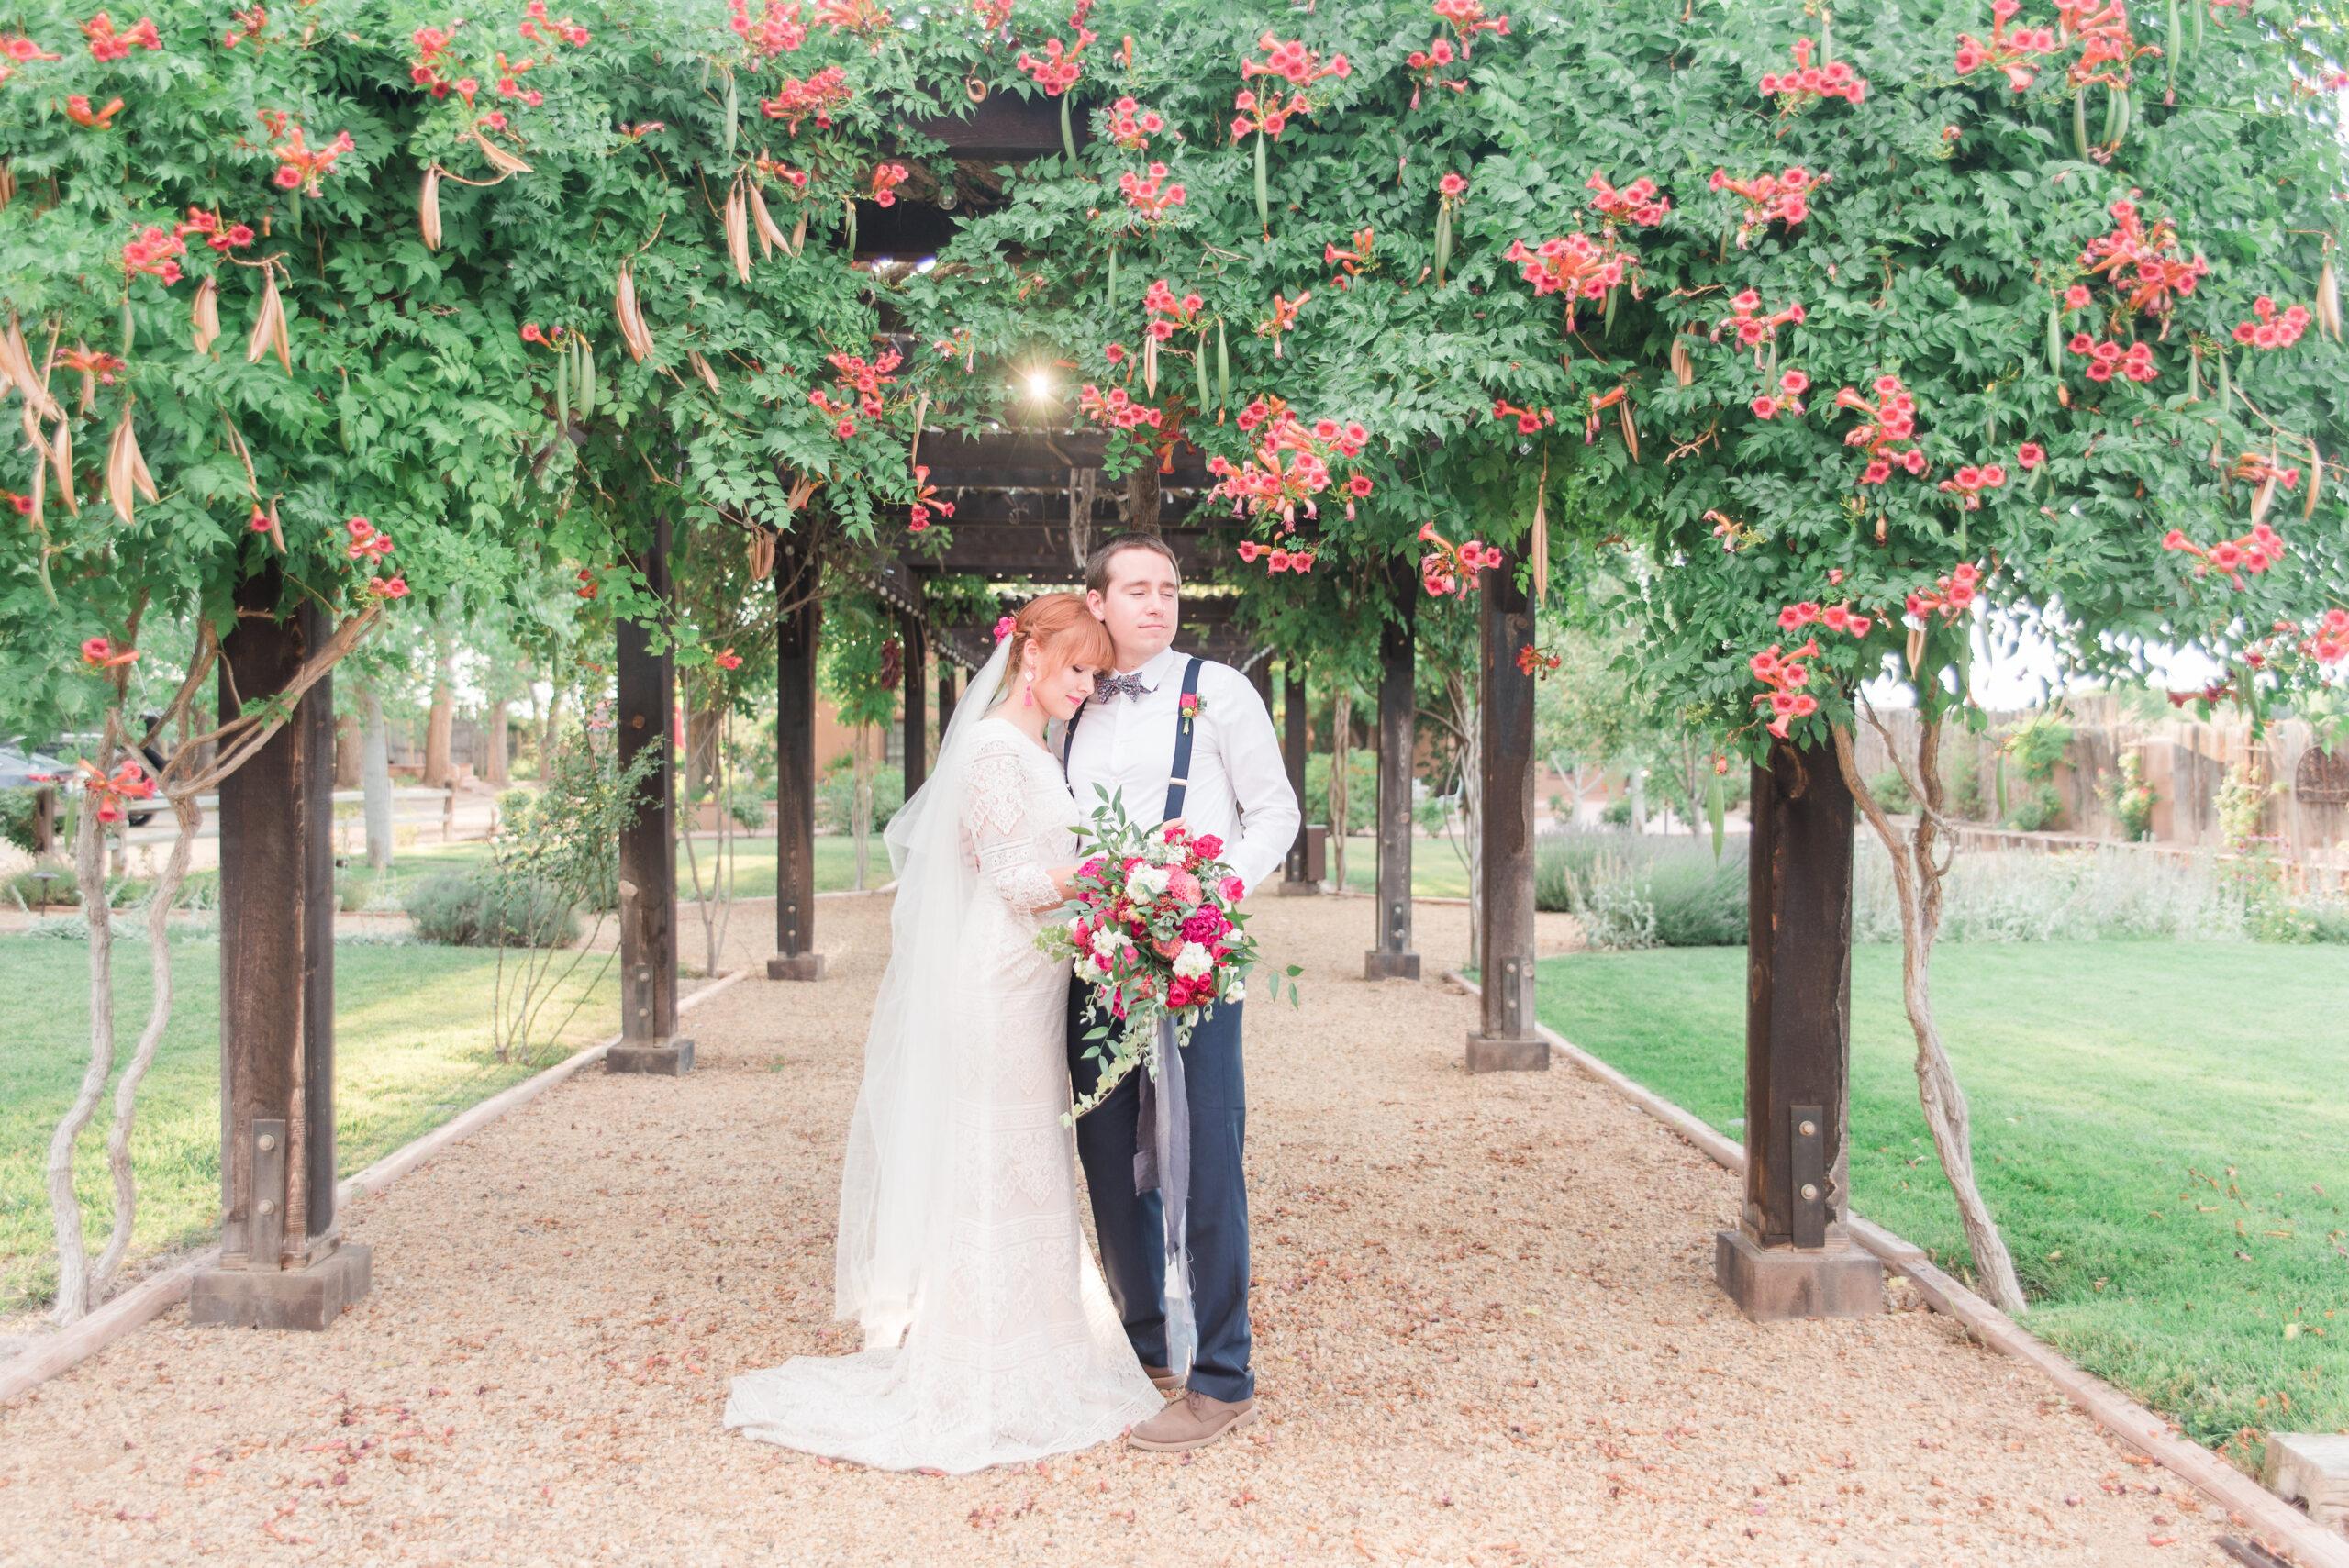 Santa Fe Wedding Venue